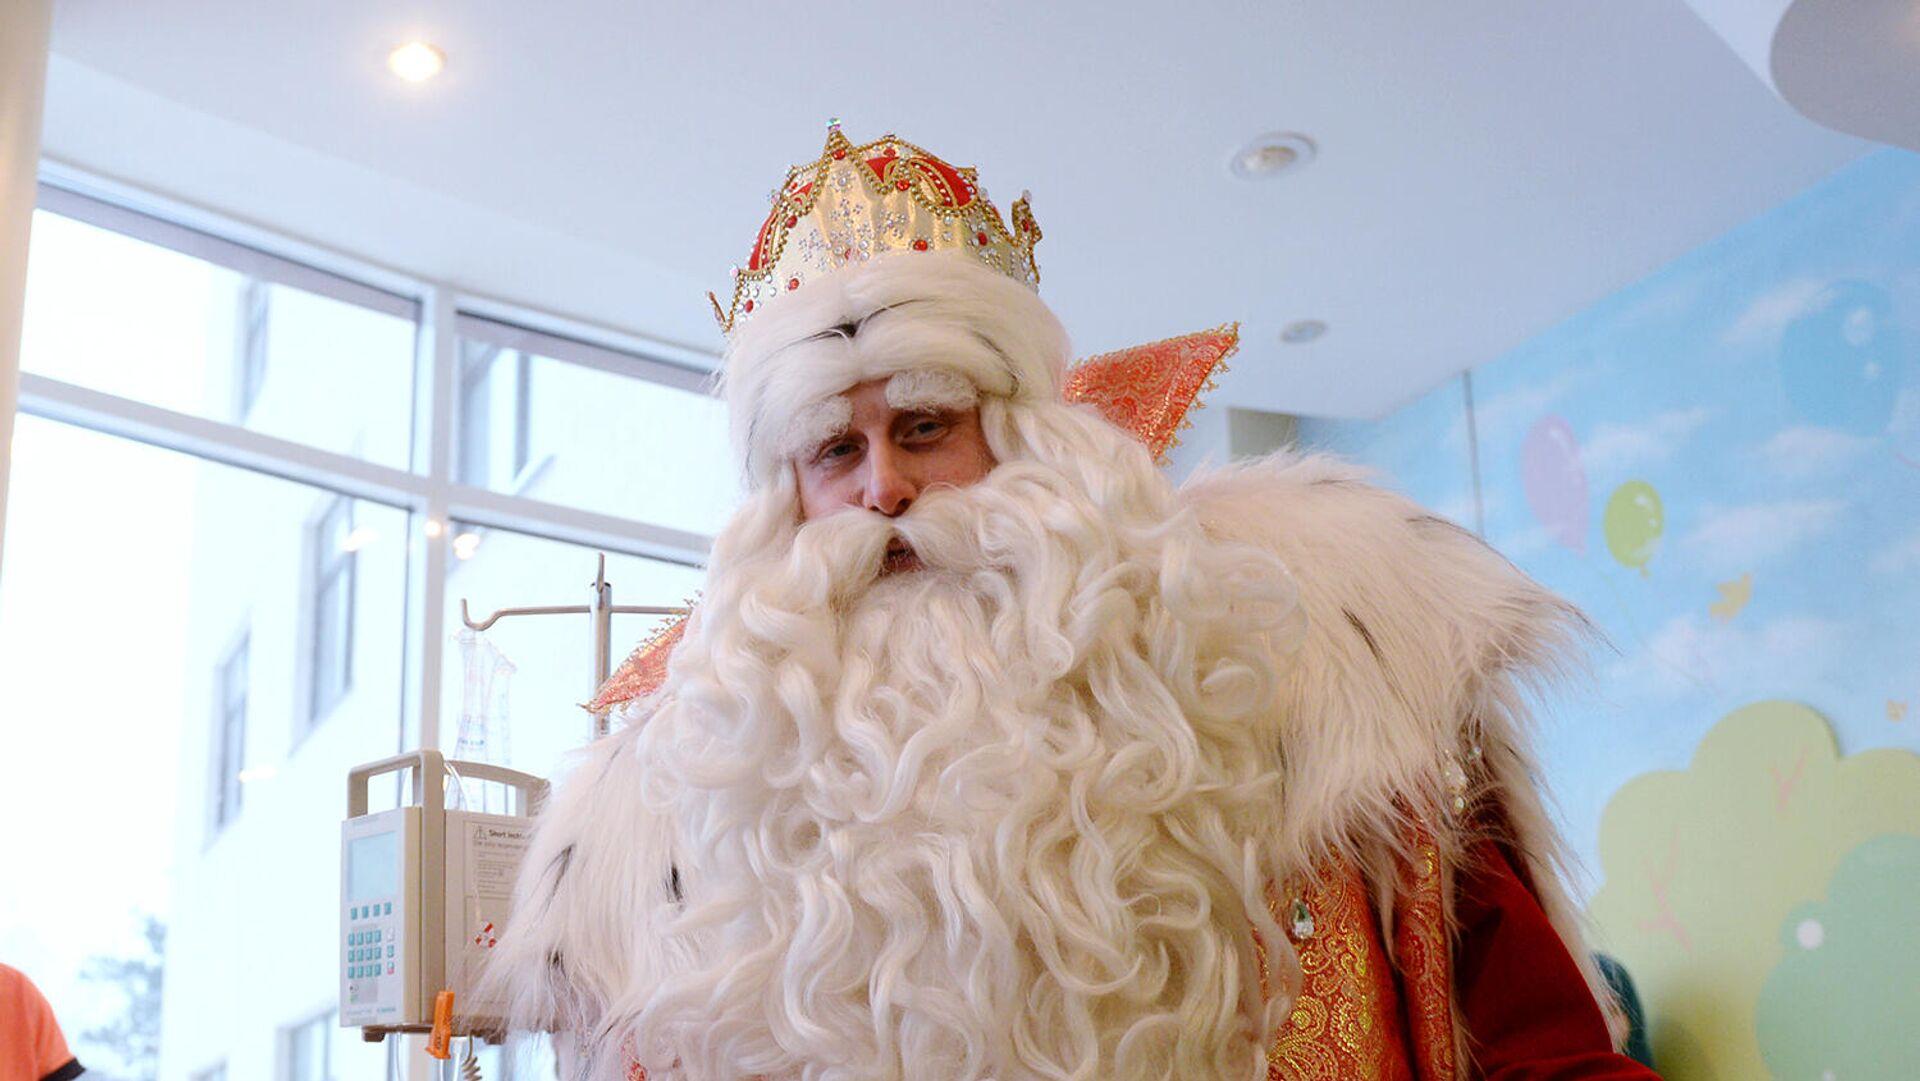 Героический Дед Мороз помогает людям, борющимся с инсультом - РИА Новости, 1920, 04.06.2021